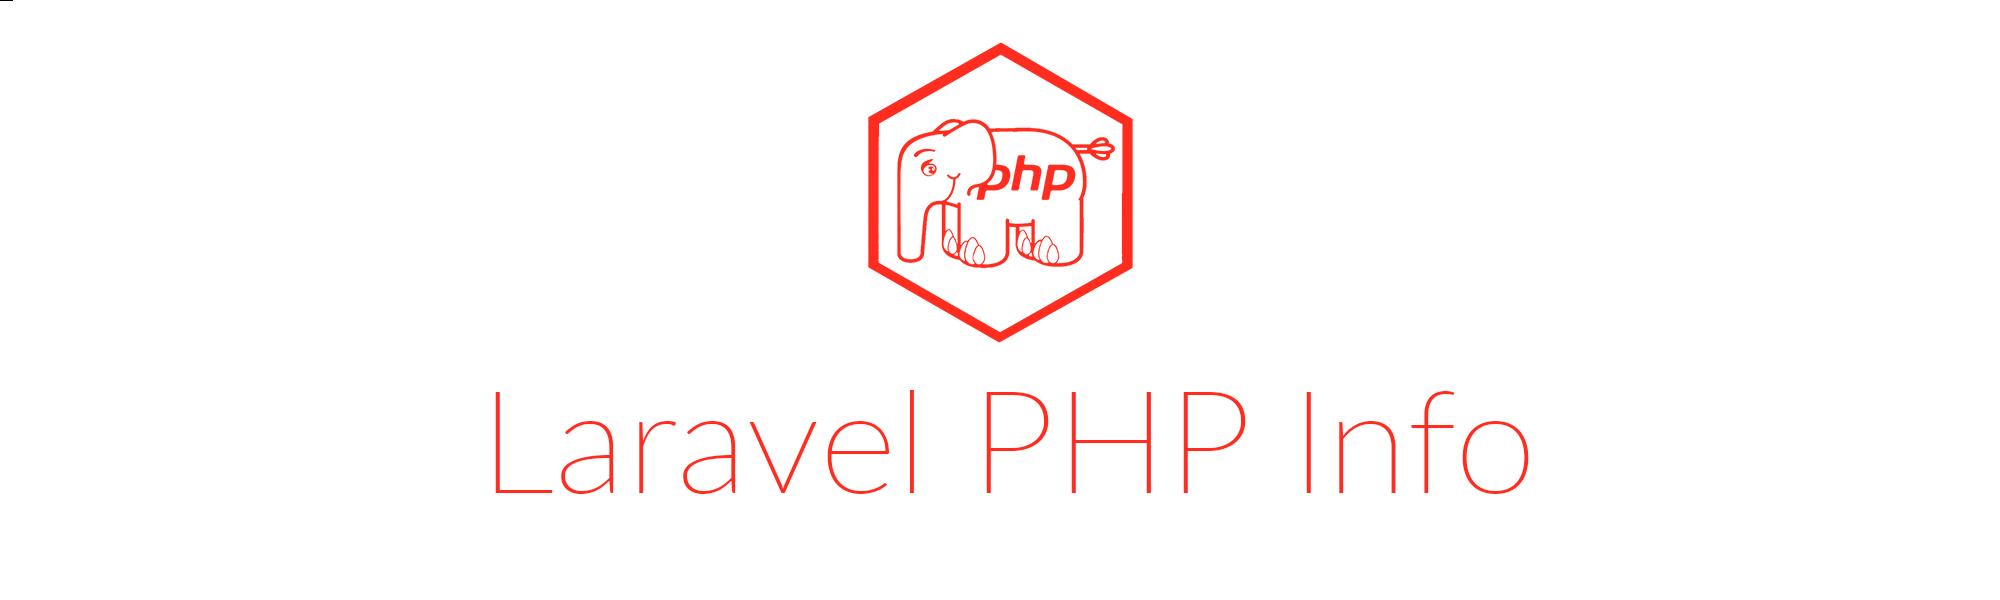 Laravel PHP Info